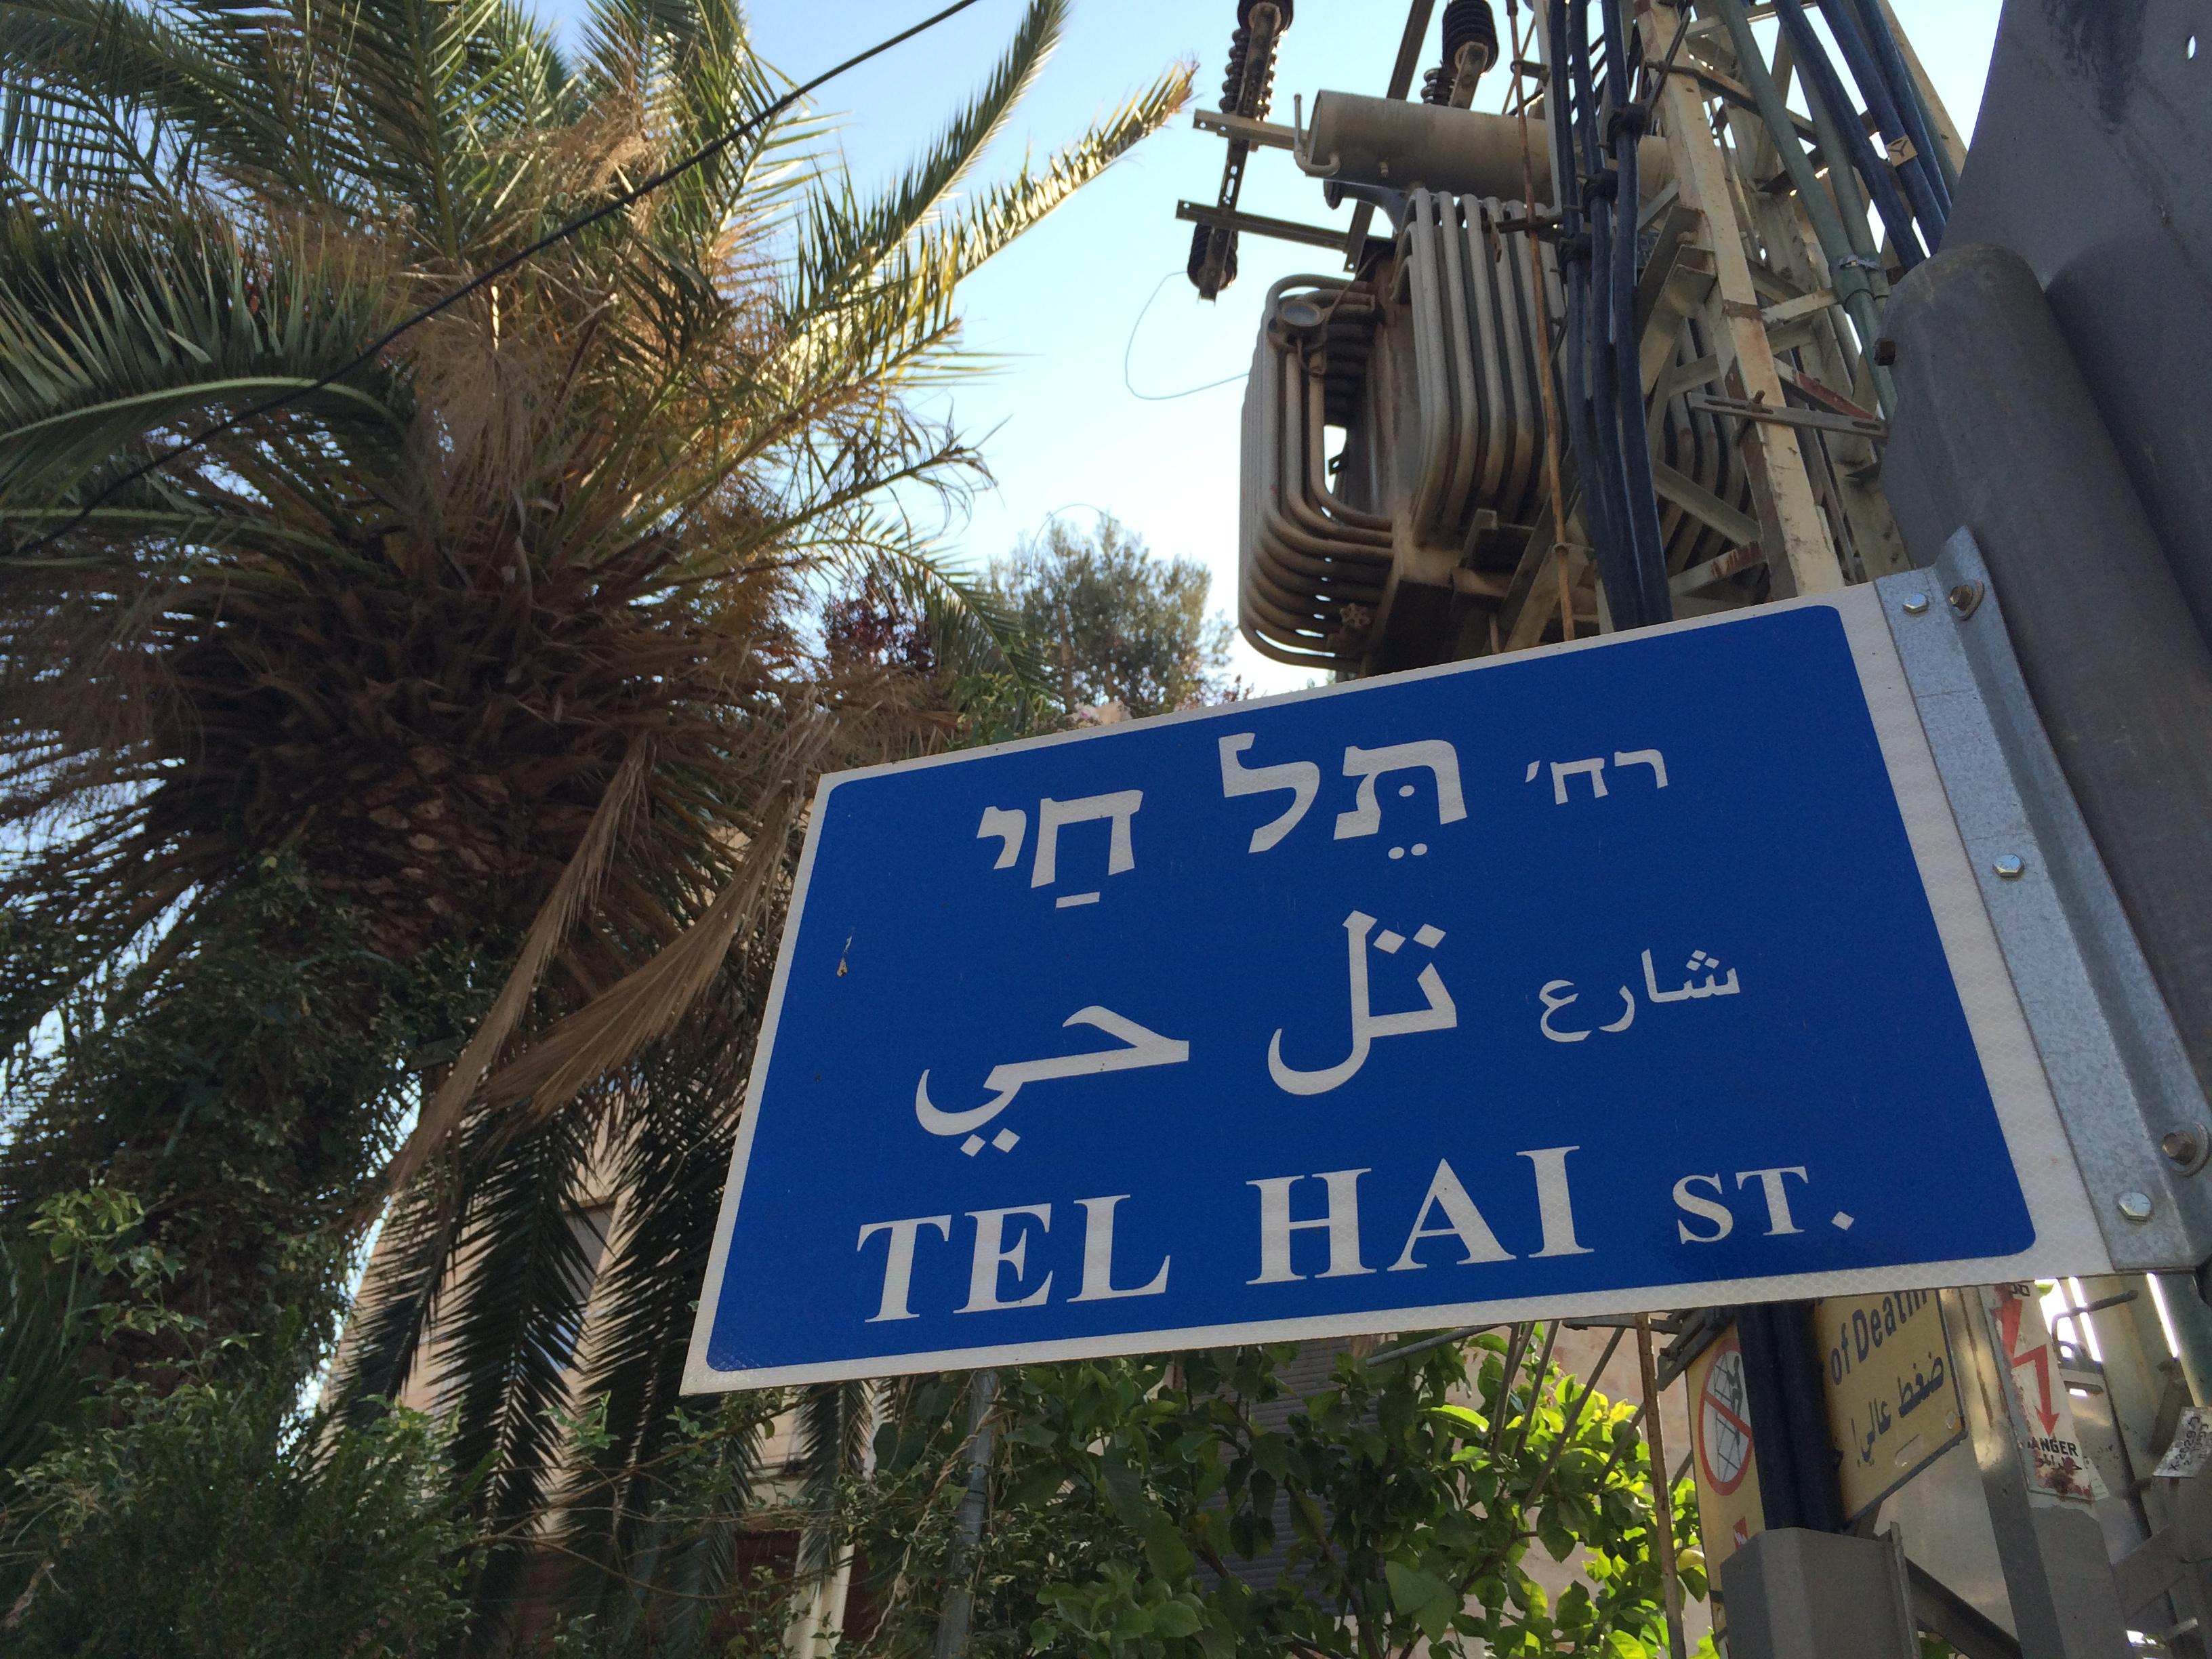 Jutzot Ierushalaim – V – Calles de Jerusalém: Tel Jai